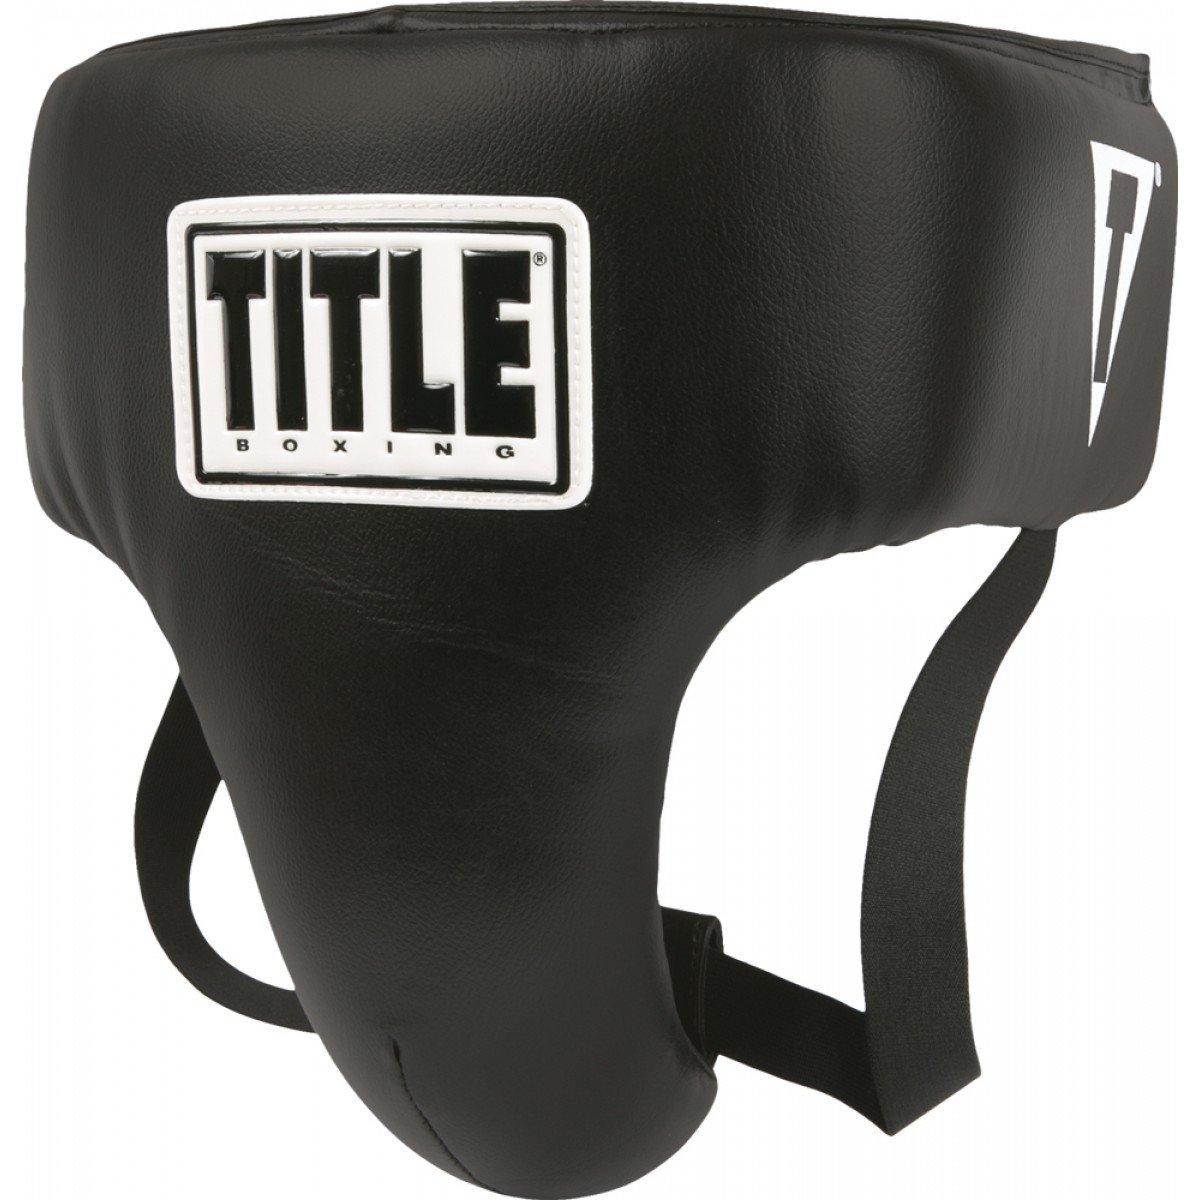 新しいエルメス タイトルボクシングデラックスGroin Protector XL B00114RXNQ XL Protector B00114RXNQ, 新上五島町:96f50fe7 --- a0267596.xsph.ru